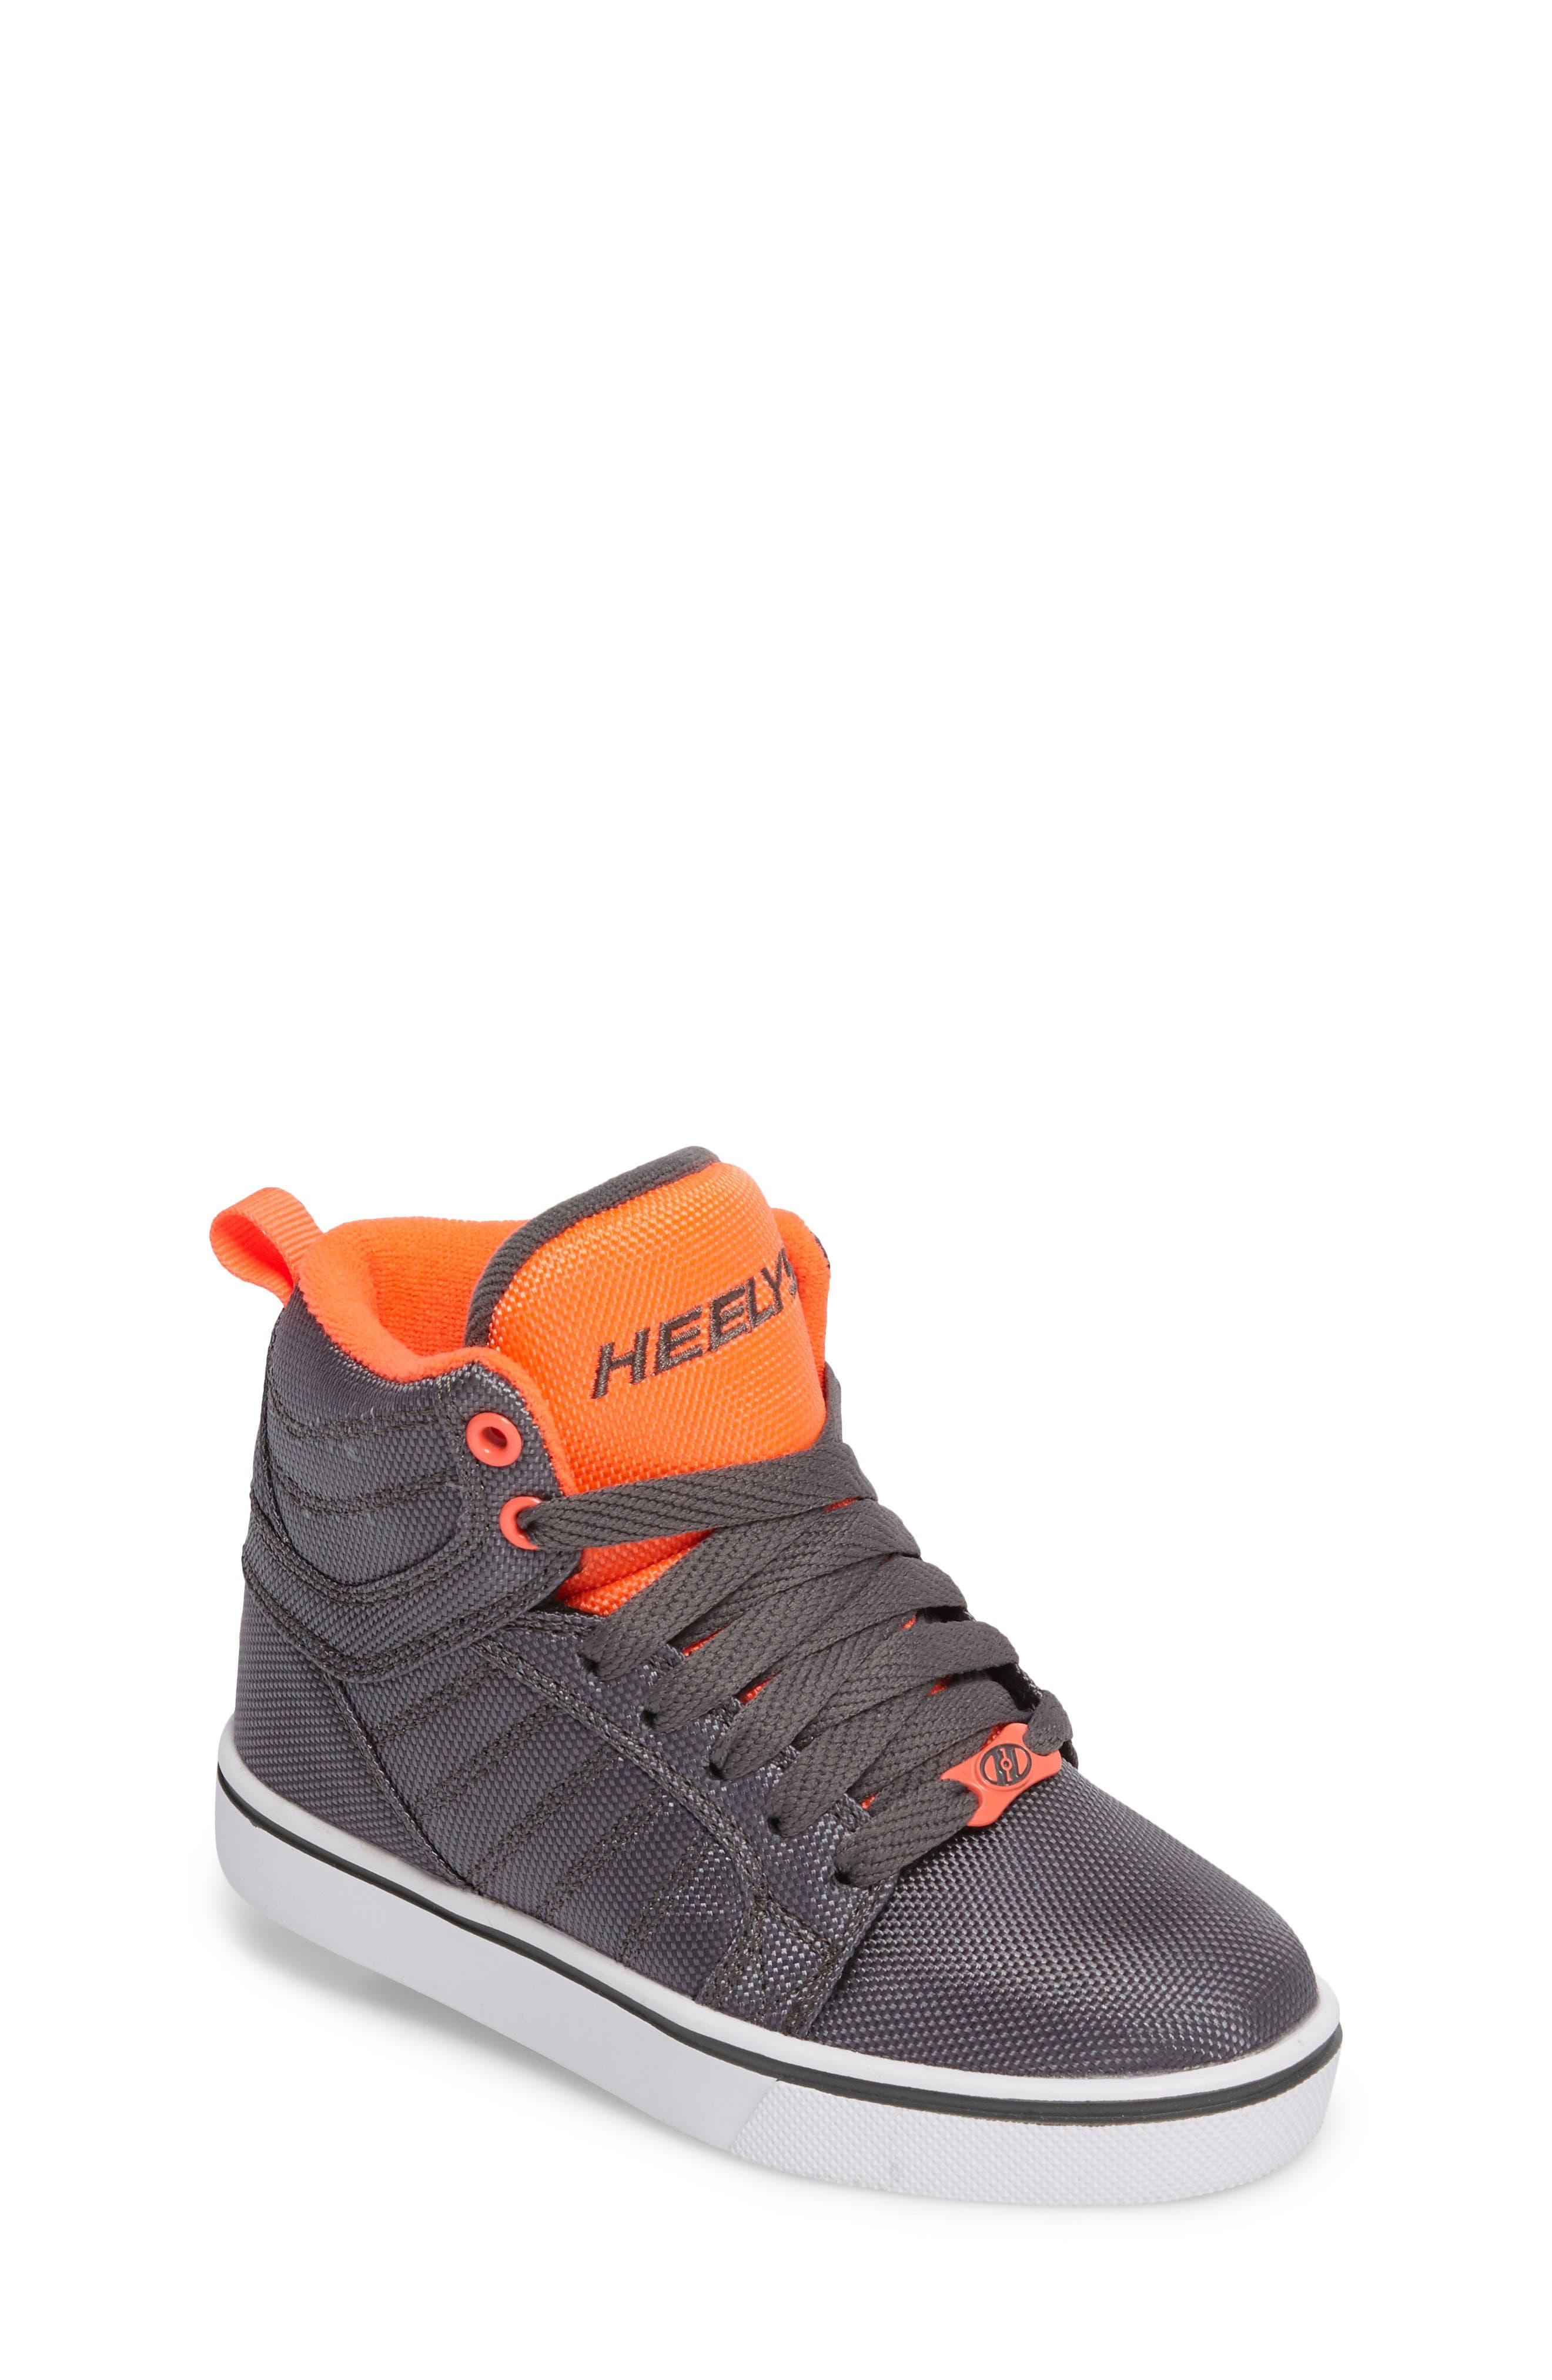 Heelys Uptown Hi Top Skate Sneaker (Little Kid & Big Kid)